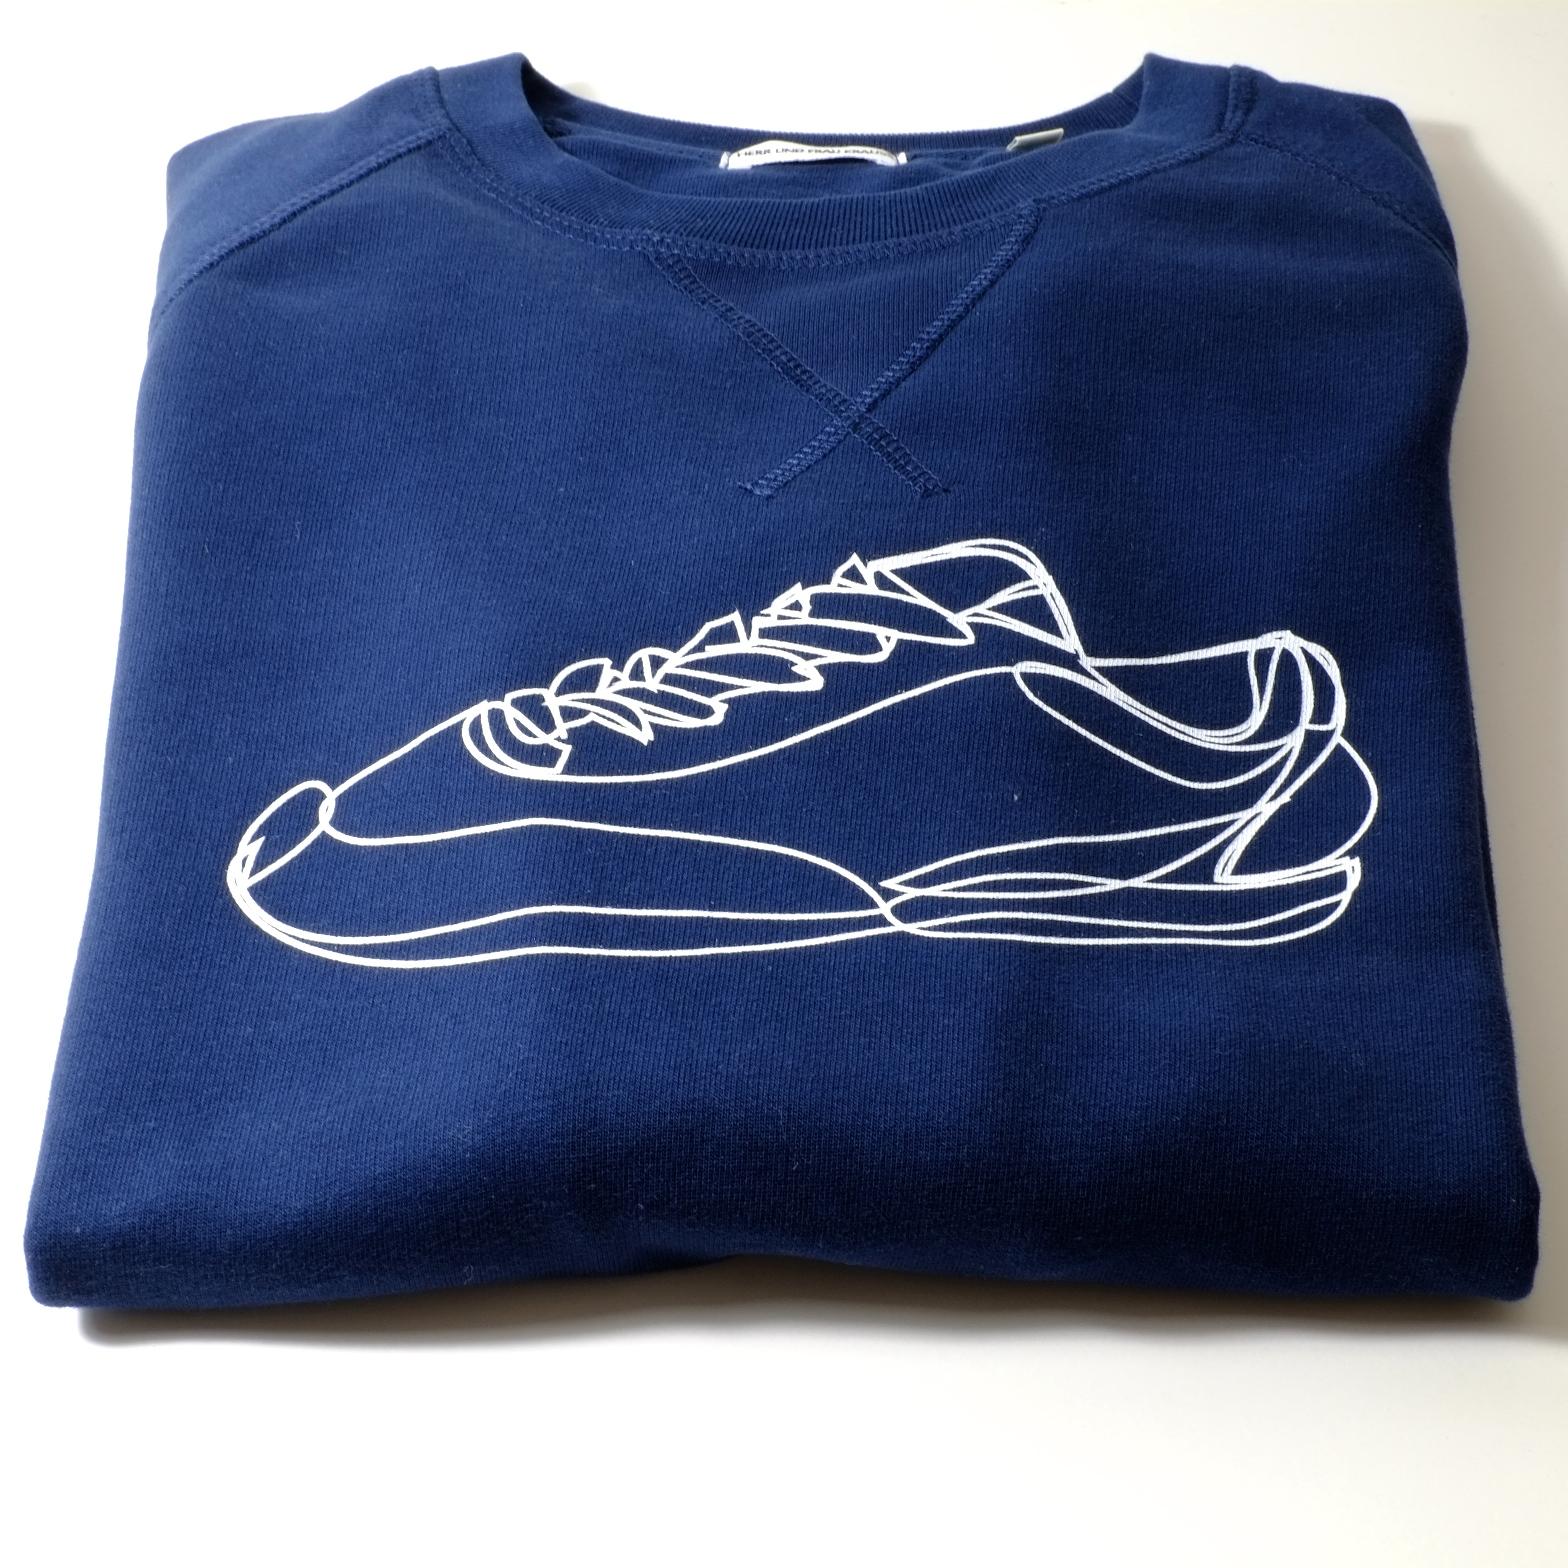 sweatshirt-maenner-organic-cotton-turnschuh-dunkelblau-liegend